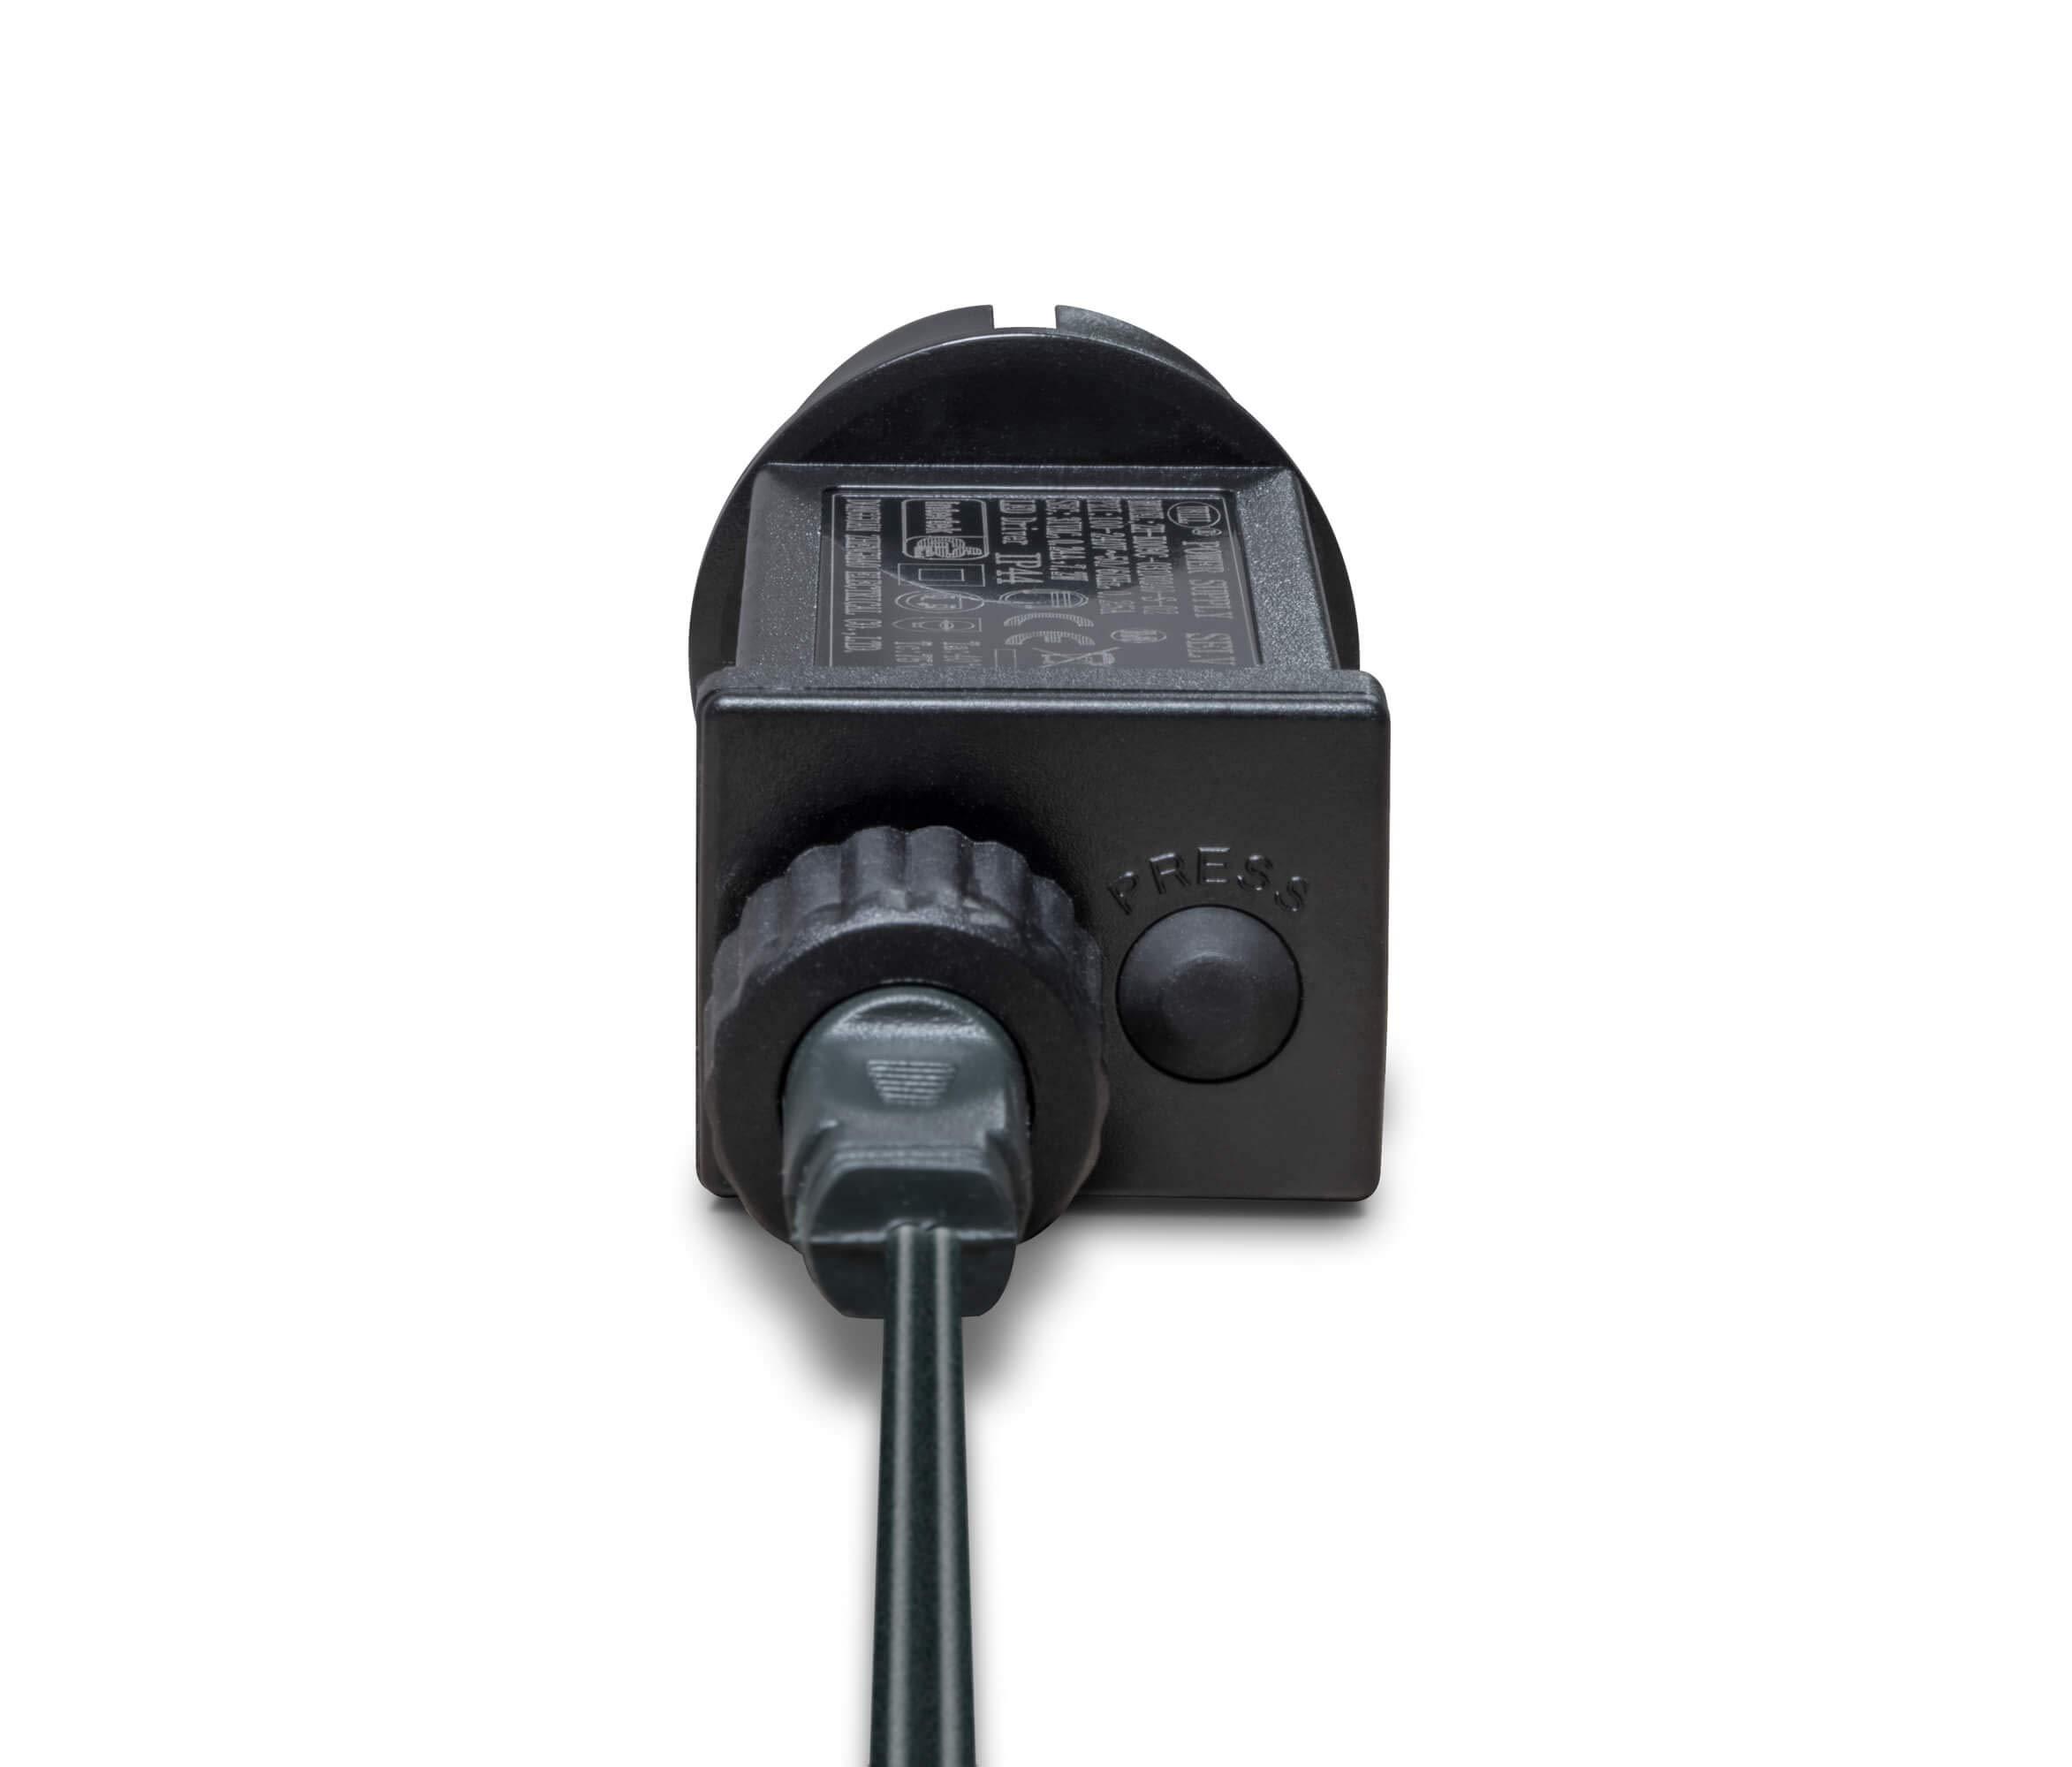 LED-Universum-WBLRGB1065-LED-Lichterkette-RGB-mit-100-LEDs-Lnge-10-Meter-Stimmungsbeleuchtung-spritzwassergeschtzt-fr-innen-und-auen-Weihnachten-Feier-Wohnzimmer-Garten-Terasse